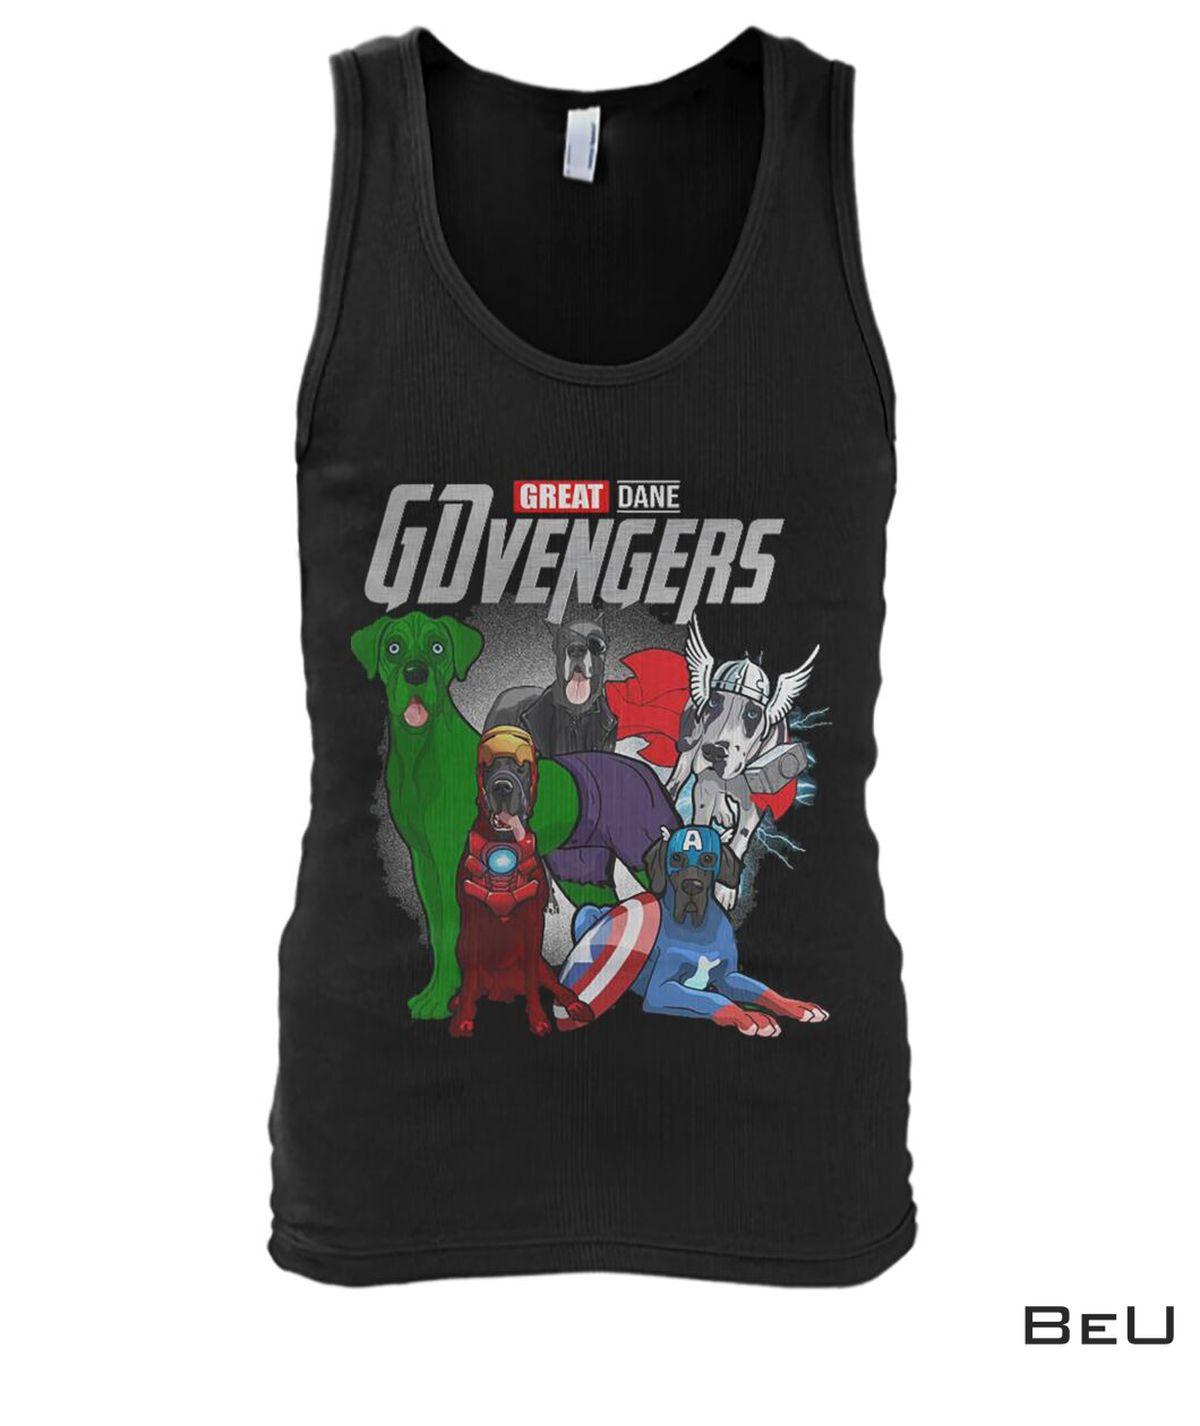 Great Dane GDvengers Avengers Shirtx